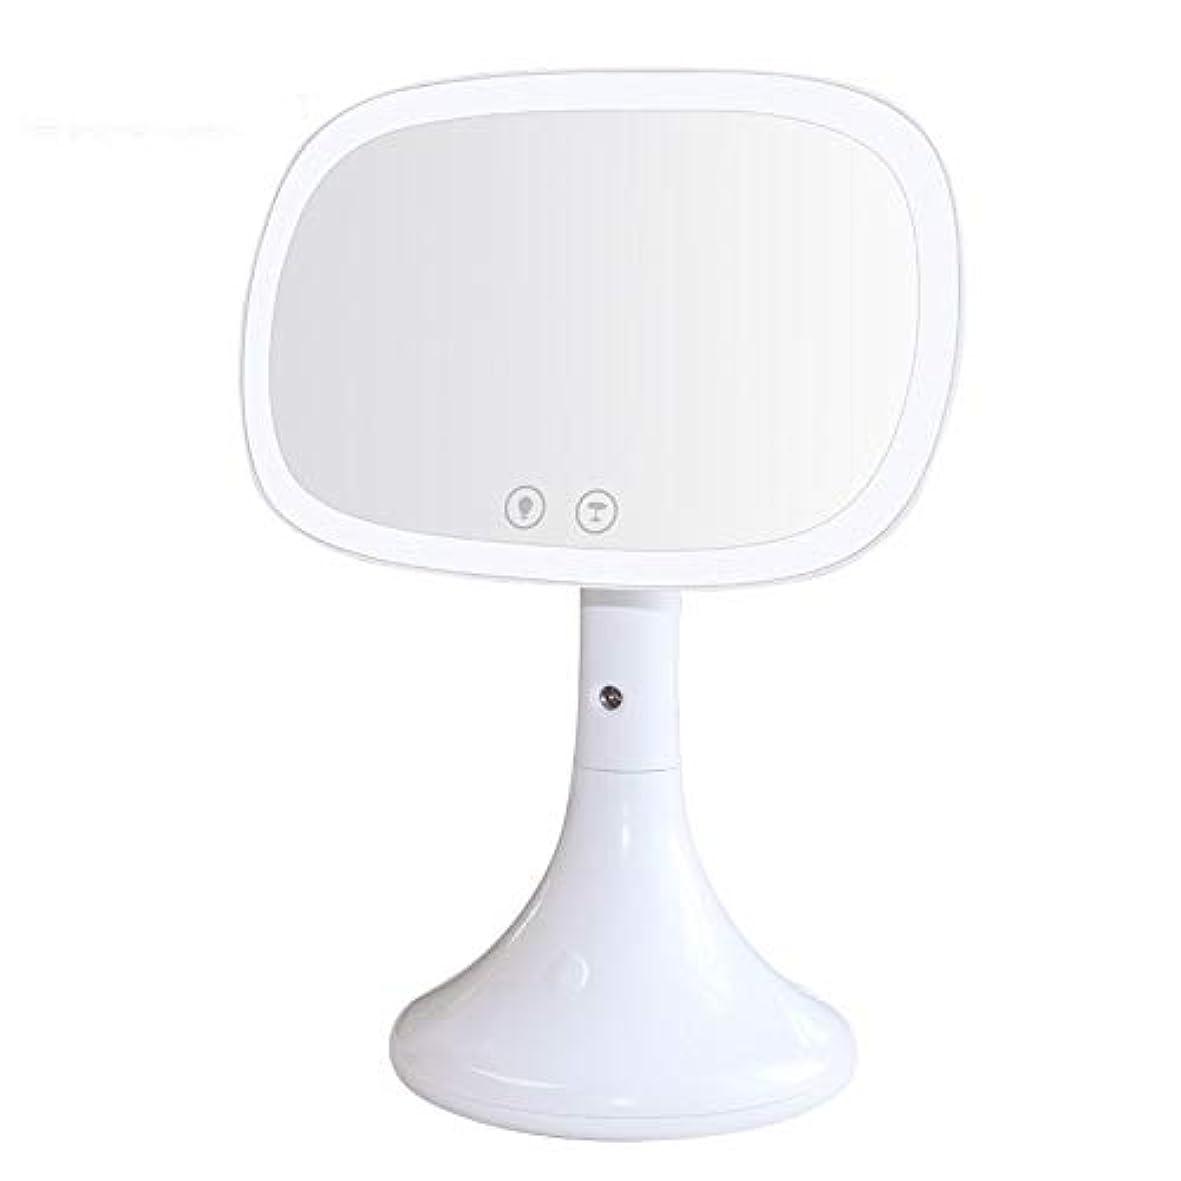 上汚れる信仰流行の USBデスクトップ化粧鏡LED美容保湿化粧鏡水スプレーホワイトピンク (色 : White)